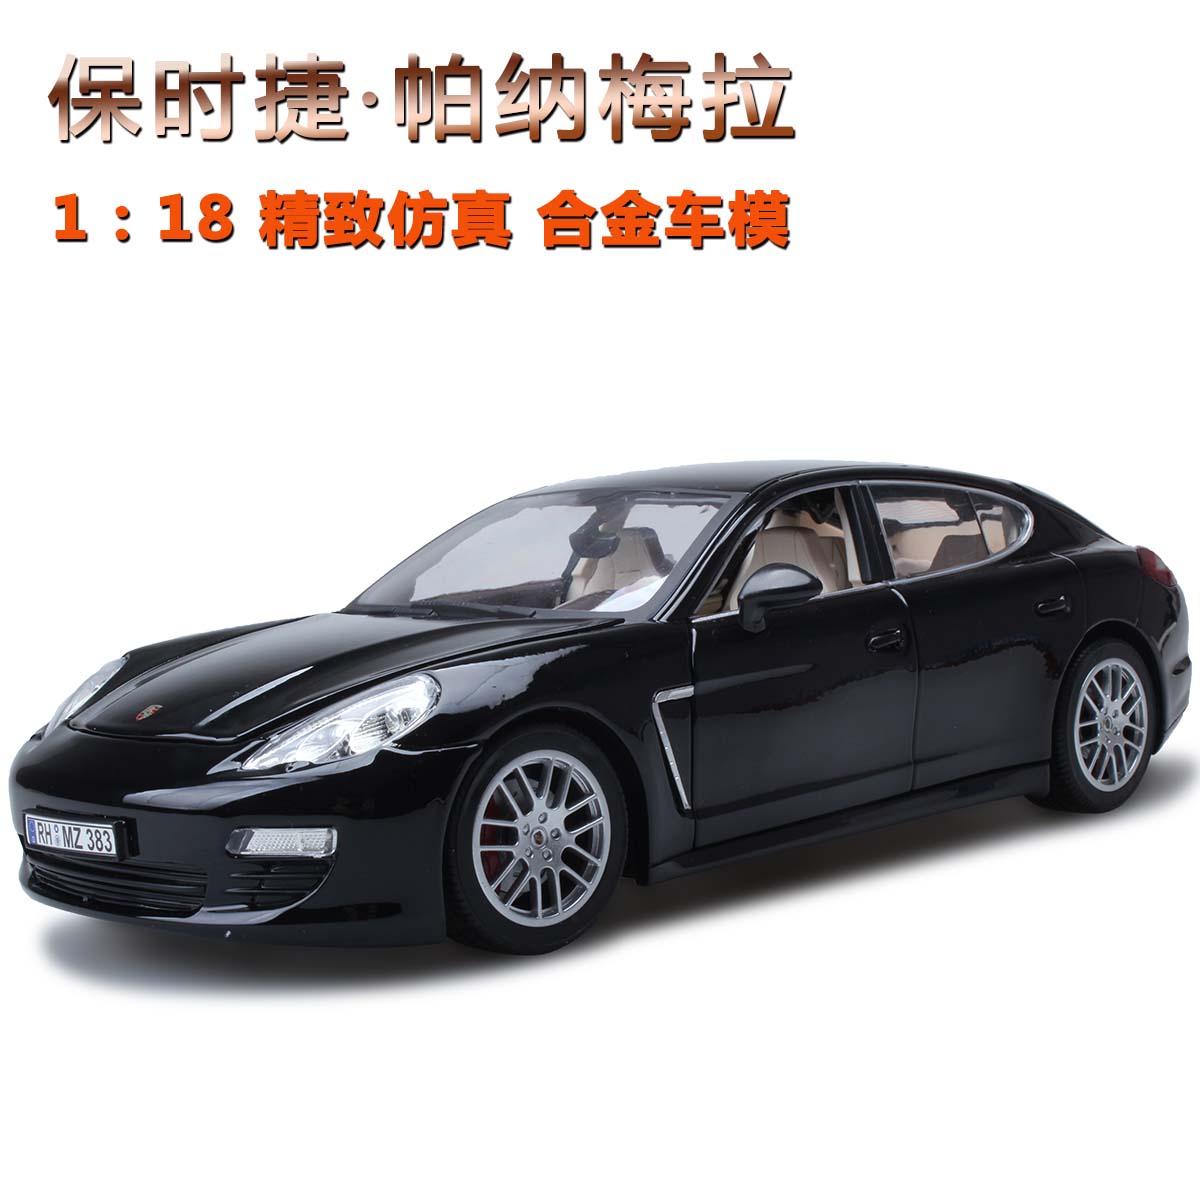 儿童玩具车模型合金仿真原厂授权1:18帕纳梅拉保时捷小汽车模型